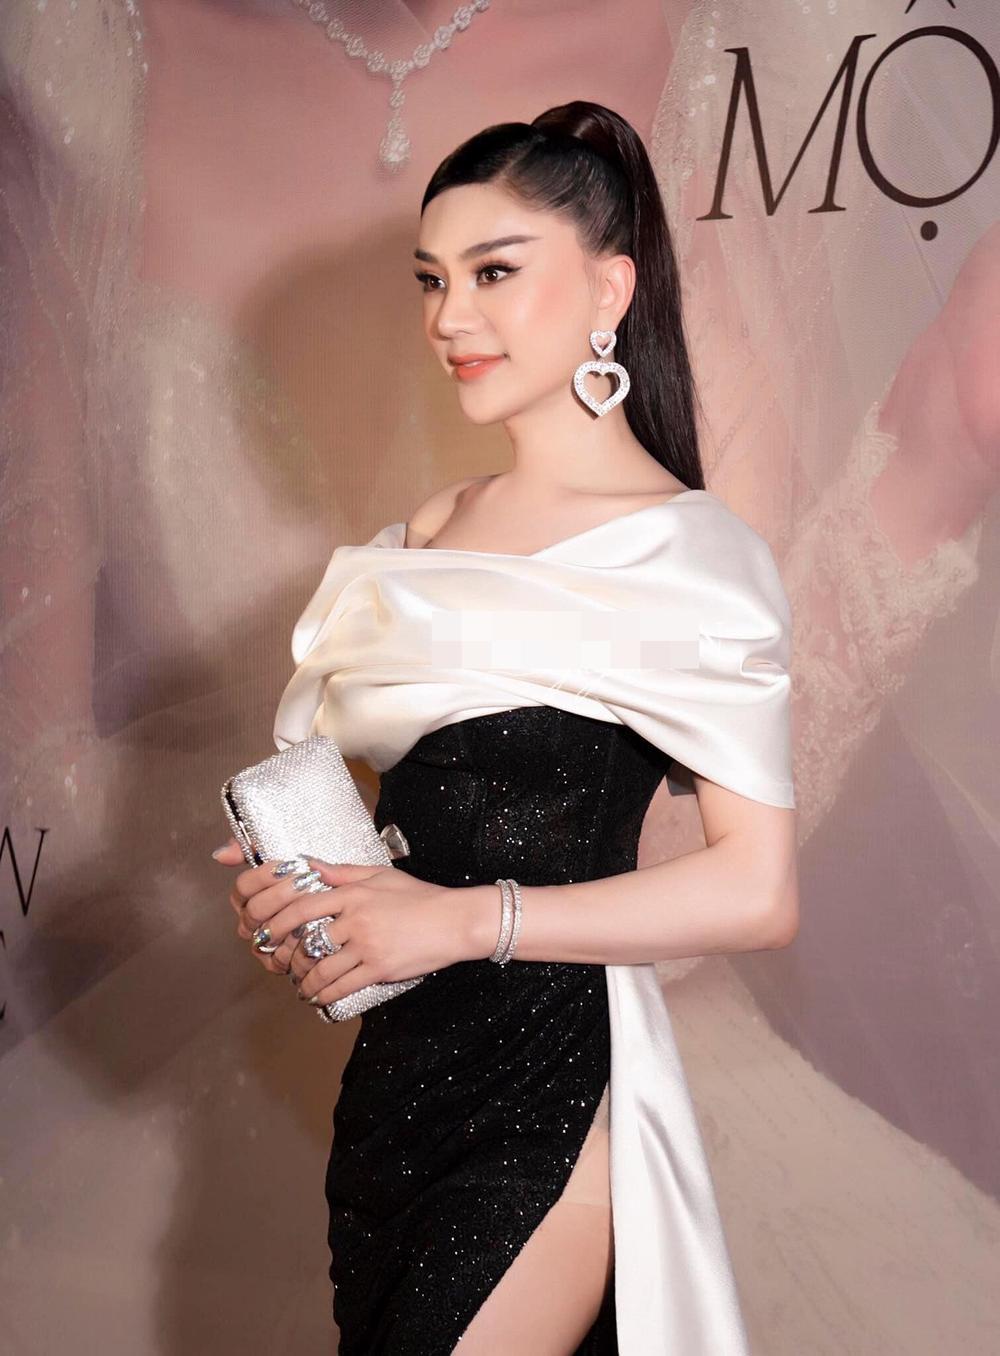 Lâm Khánh Chi mặc đầm xẻ đến hông, xinh đẹp rạng rỡ đạp tan tin đồn chỉnh sửa nát mặt Ảnh 2